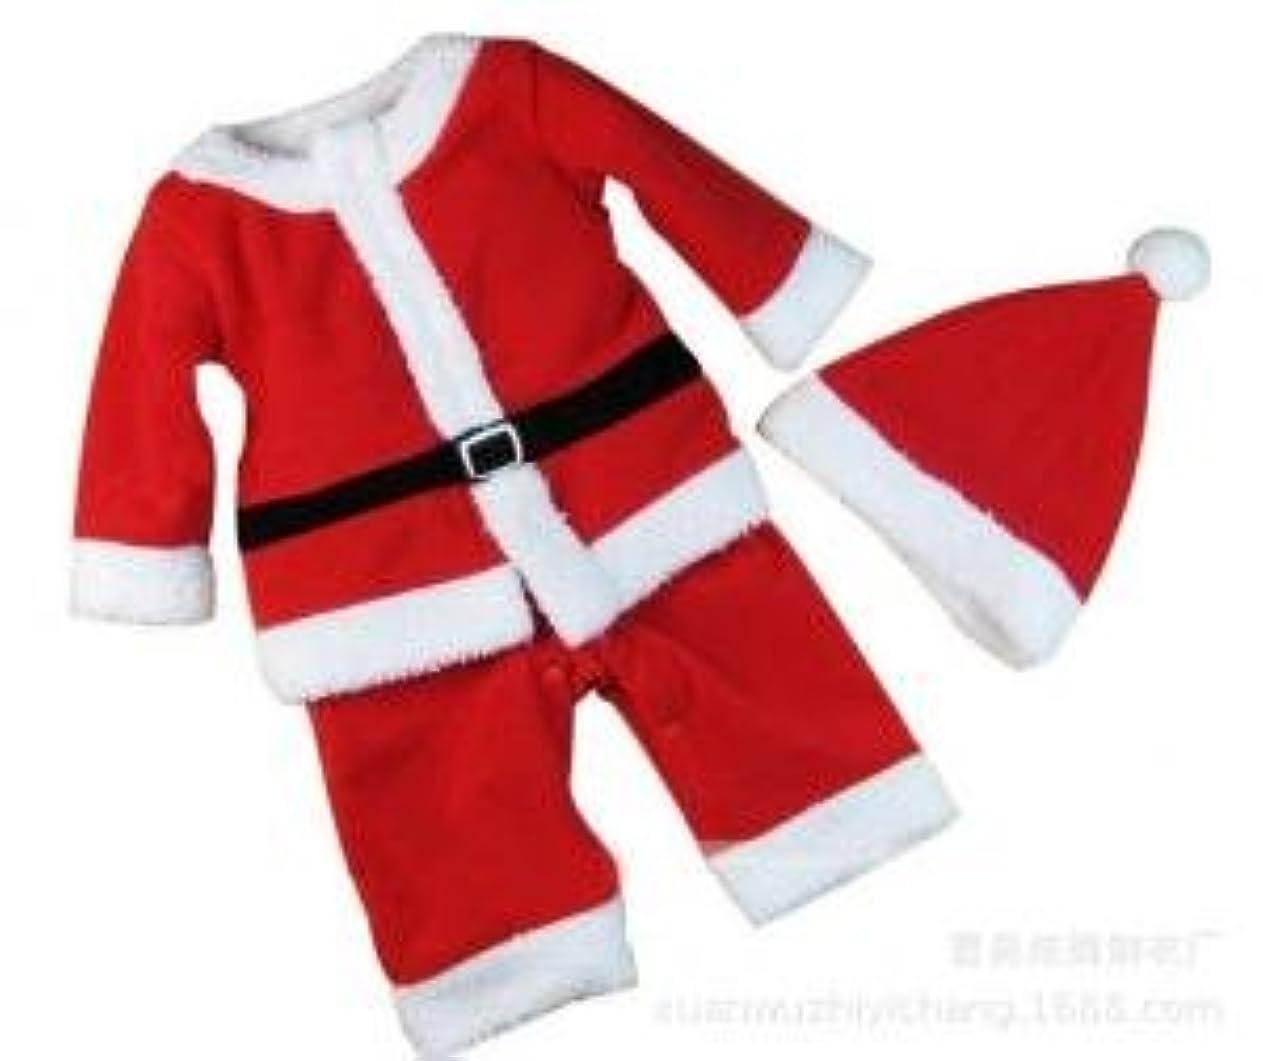 論理ノイズ誓いZhaozhe子供 クリスマス ベビー サンタ コスチューム 衣装 帽子付き レッド おもちゃ 着ぐるみ90cm/100cm/110cm/120cm